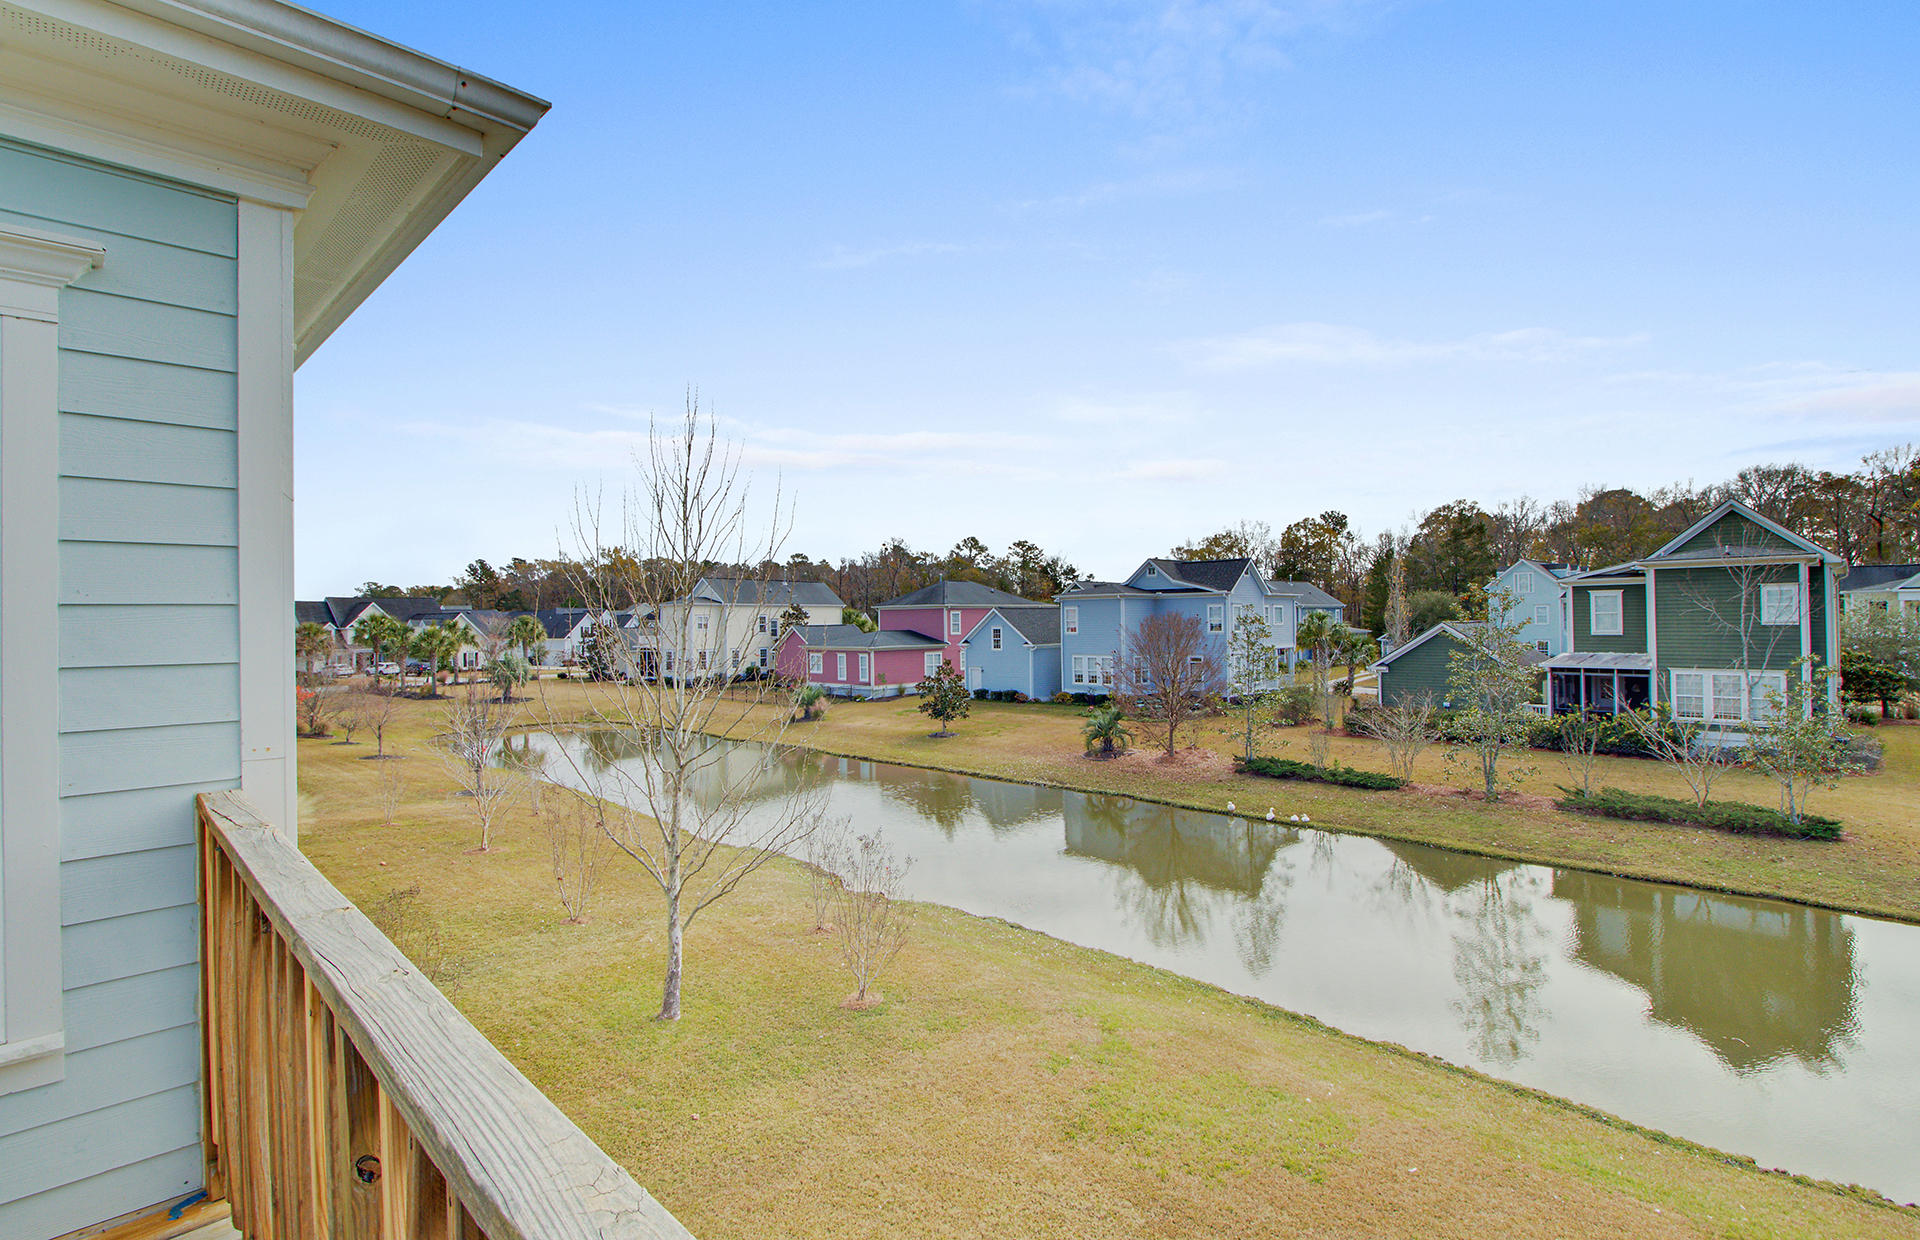 107 Heart Pine Circle Summerville, Sc 29485